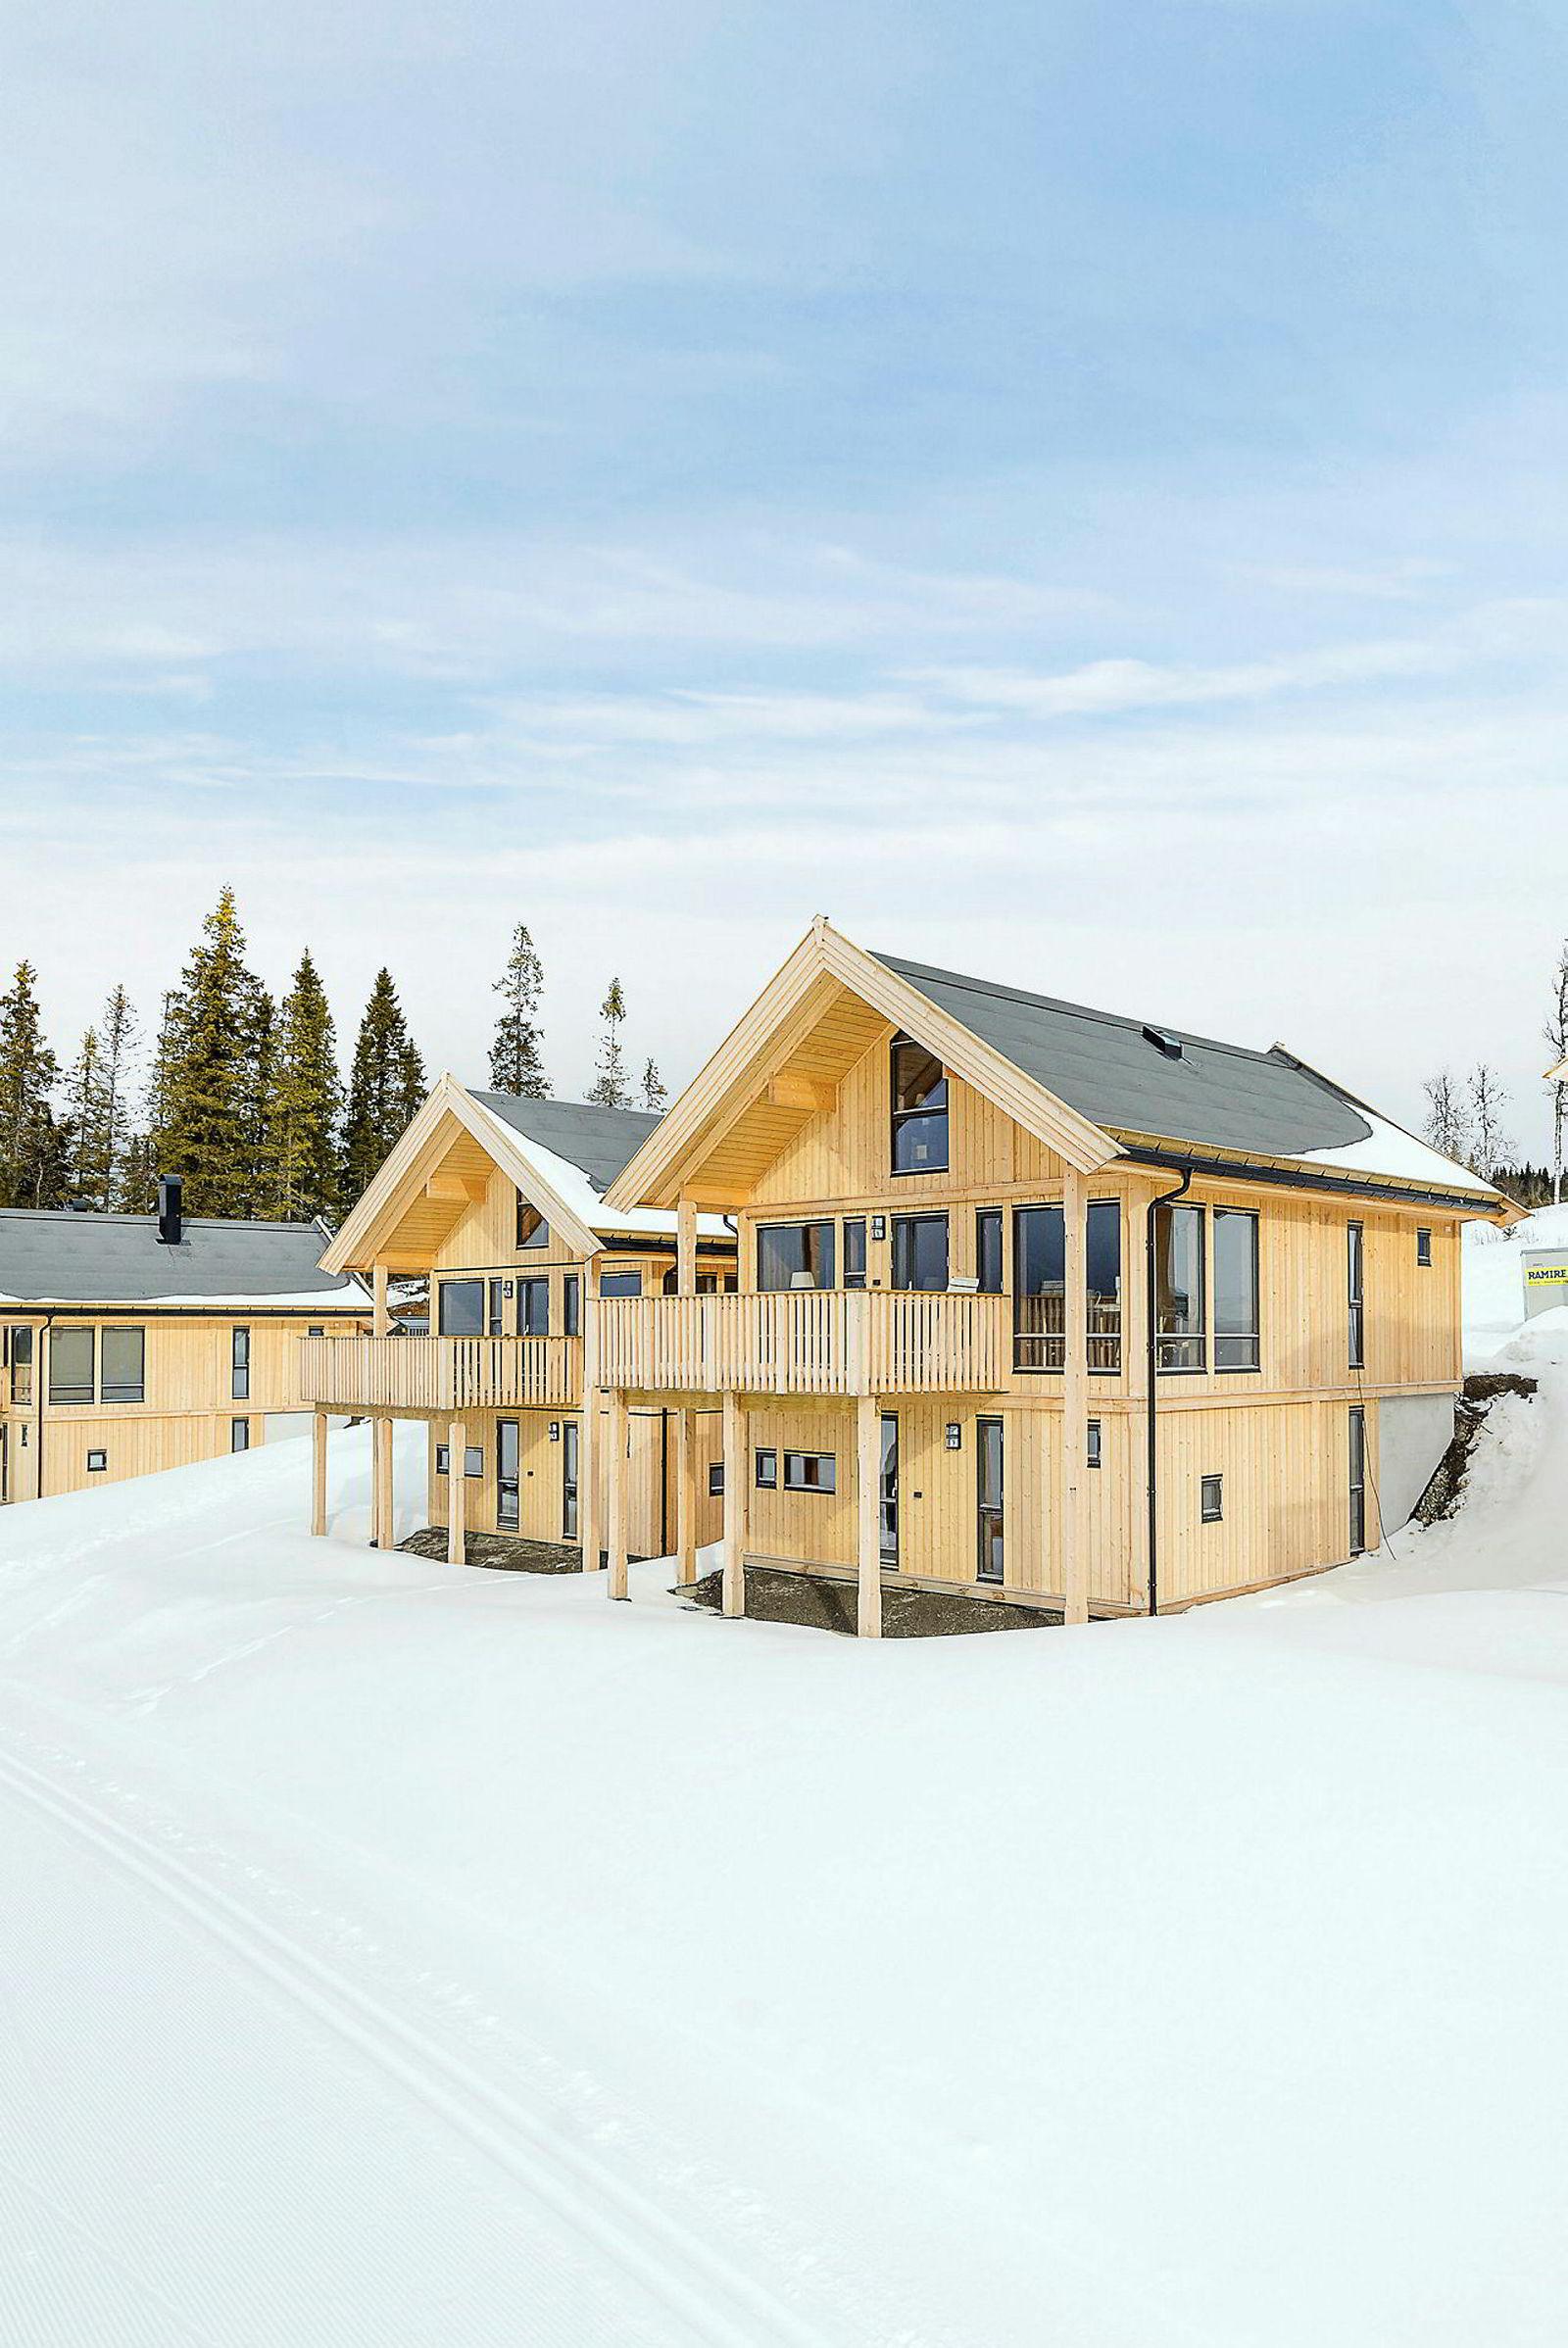 Nyoppført hytte på Stavtaket 4, 117 kvm. Prisantydning: 4,29 mill. Solgt etter 7 dager til 4,2 mill.